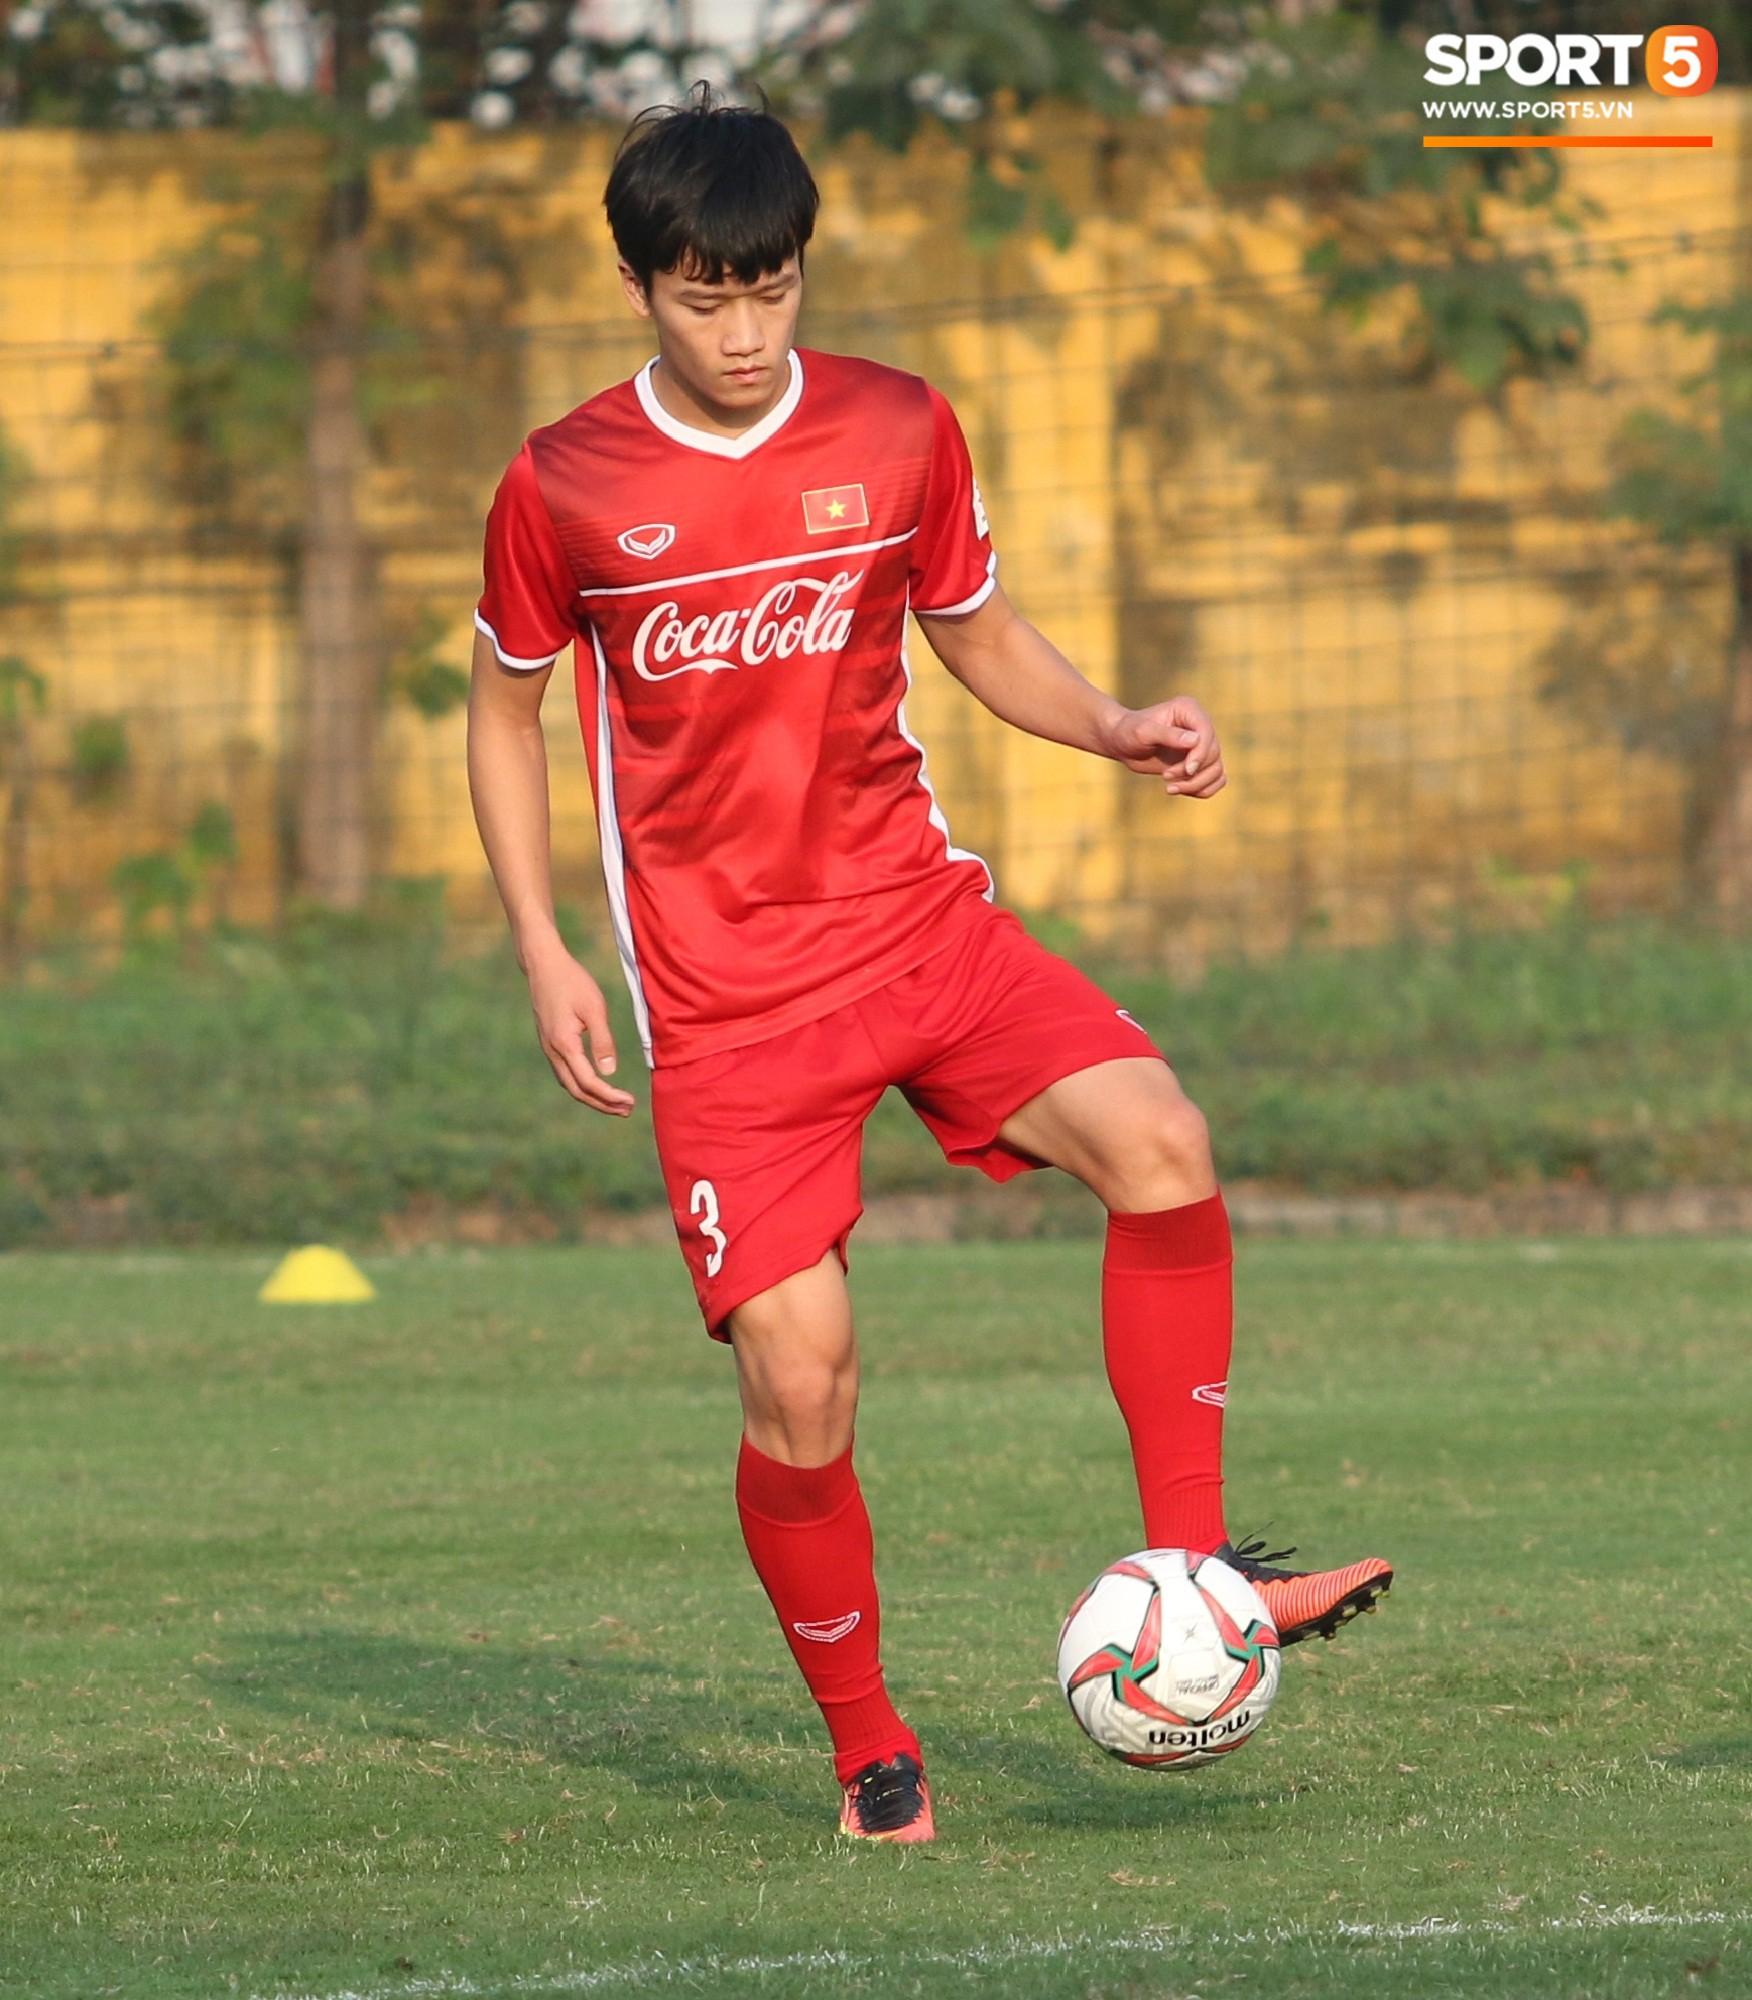 Chân dung Nguyễn Hoàng Đức: Anh bộ đội ghi bàn giúp U23 Việt Nam đè bẹp Thái Lan  - Ảnh 2.